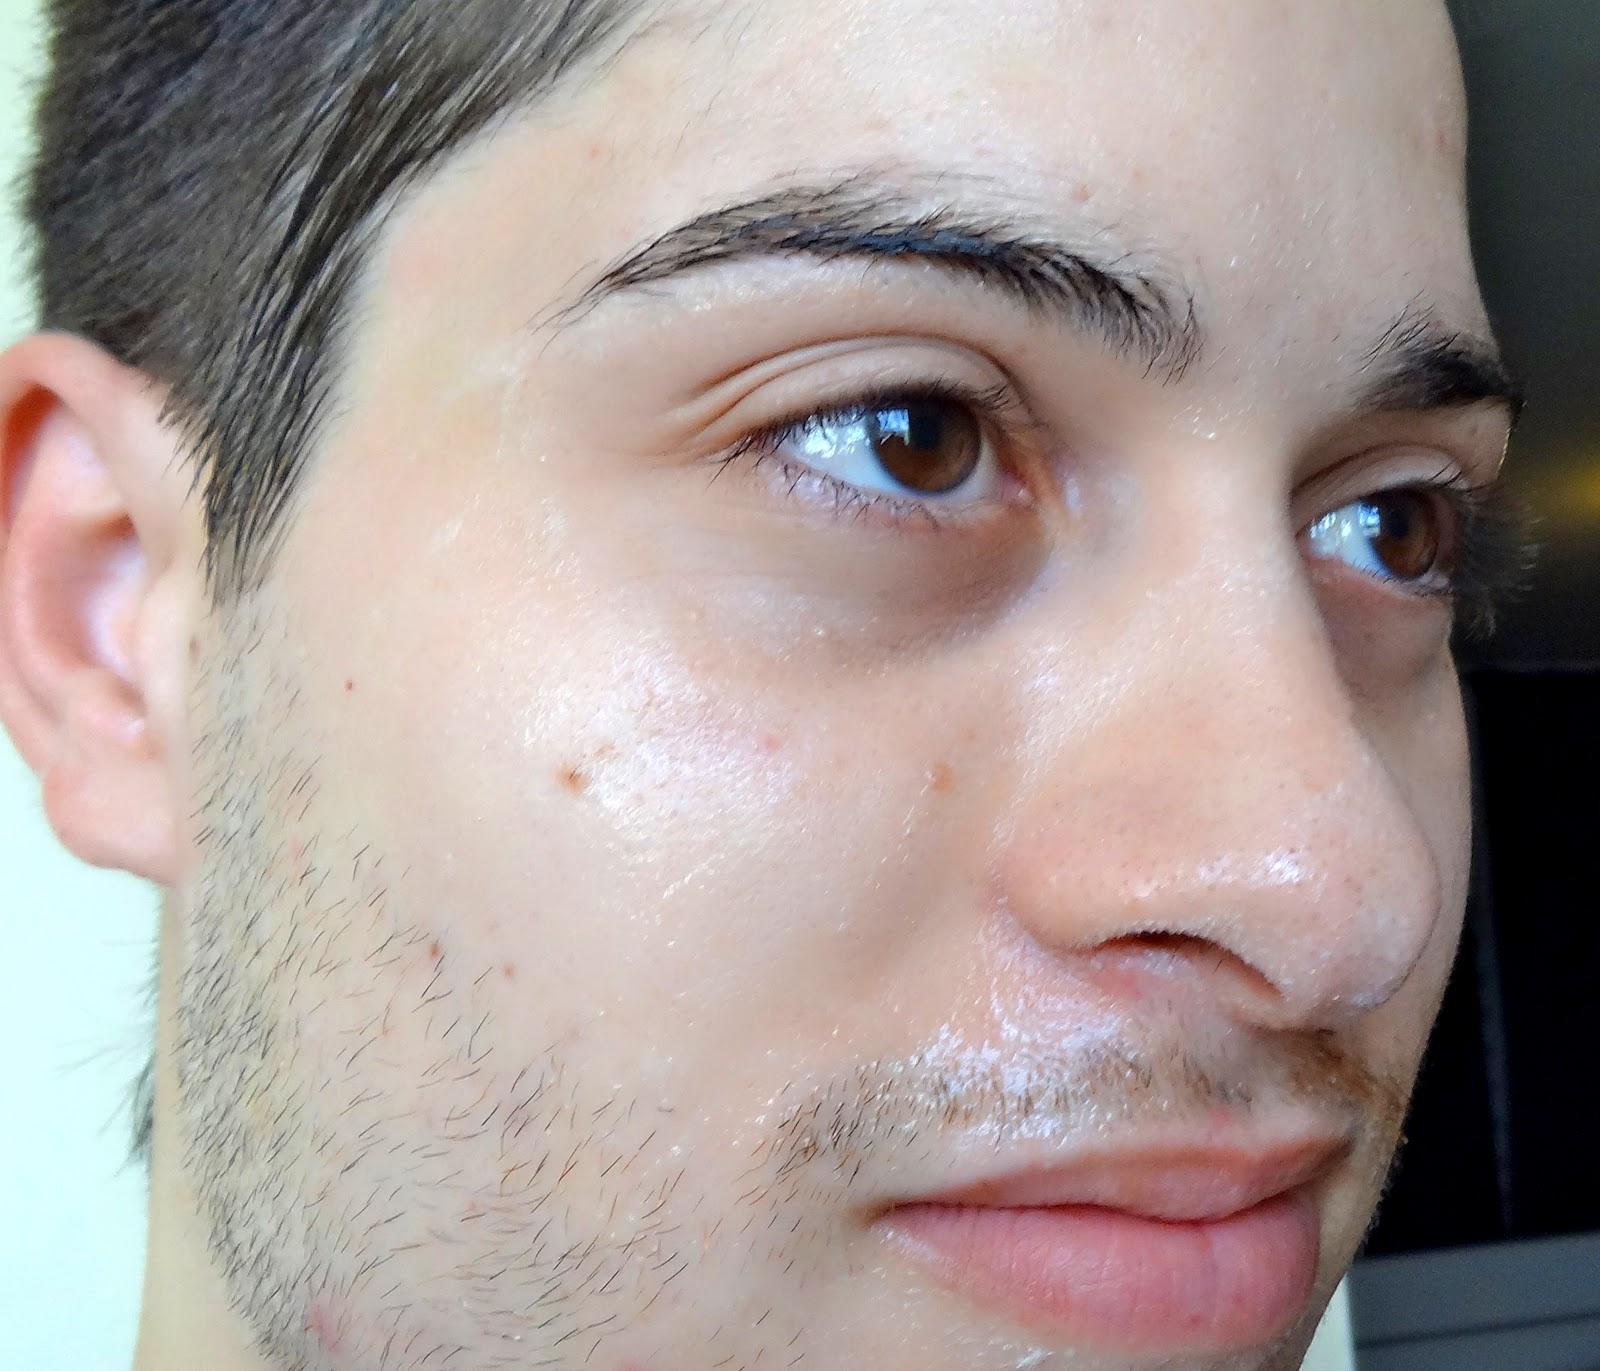 La cosmetología láser de la persona de la foto antes y después